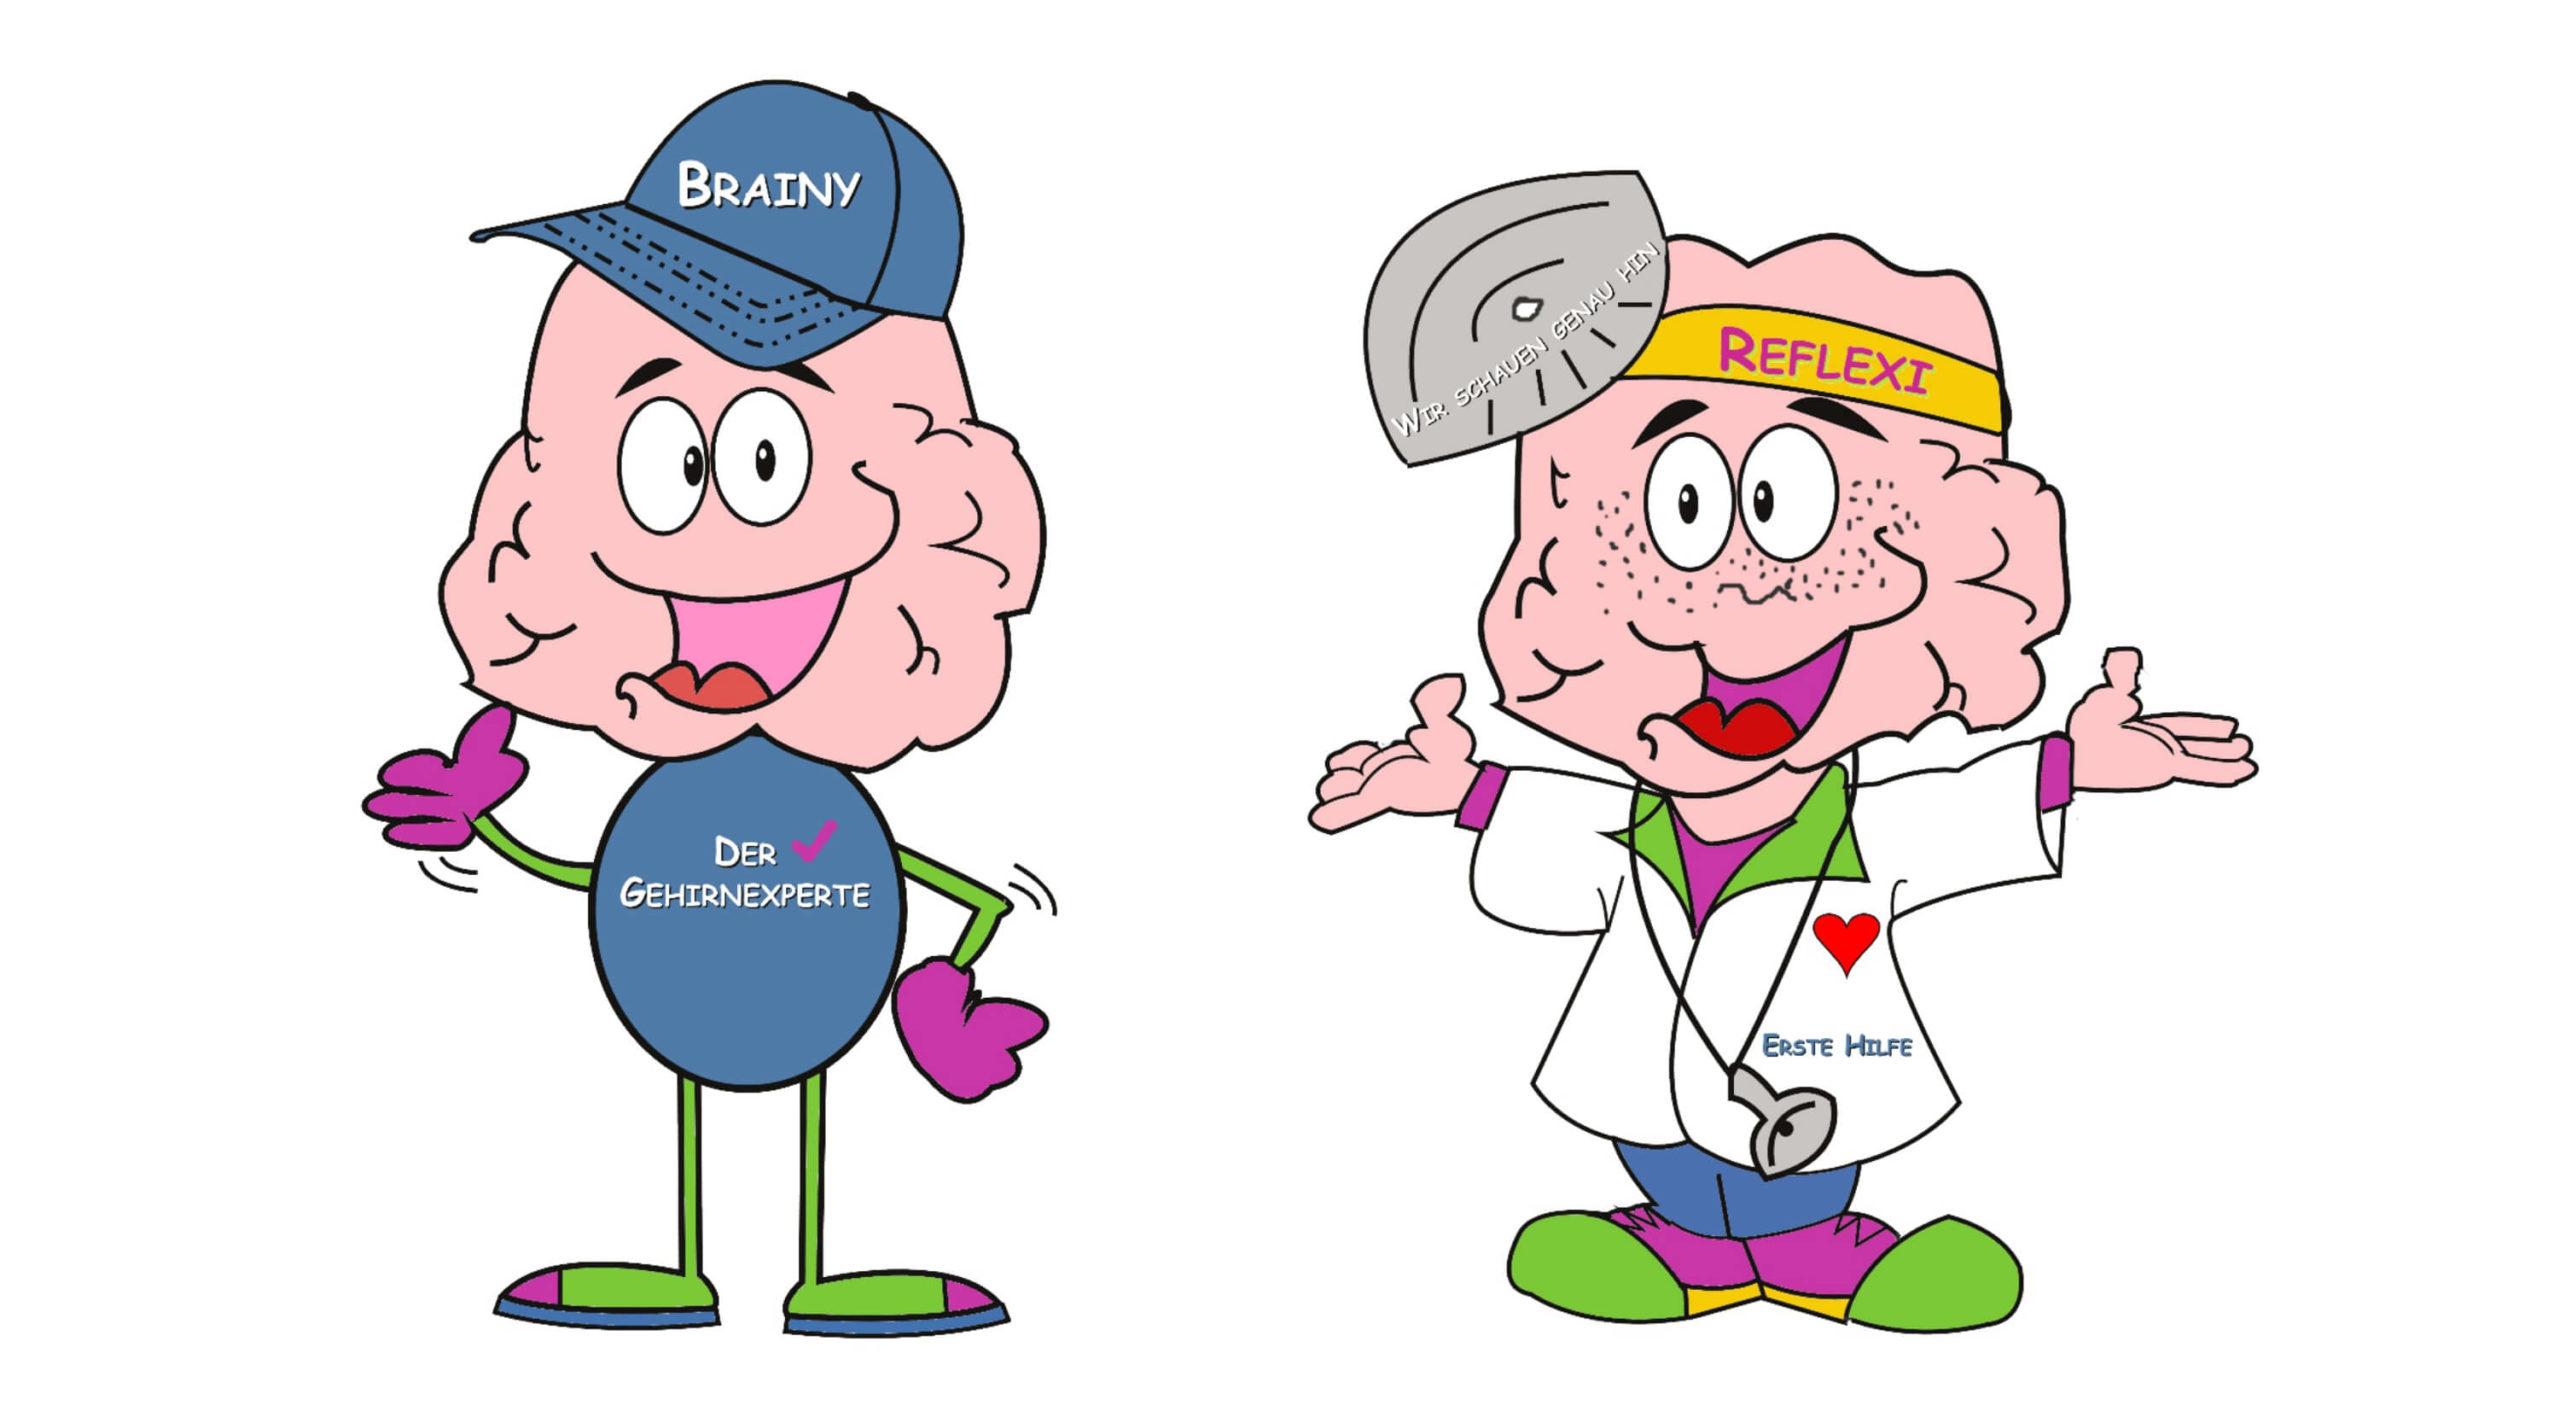 brain4kids Reflexi und Brainy